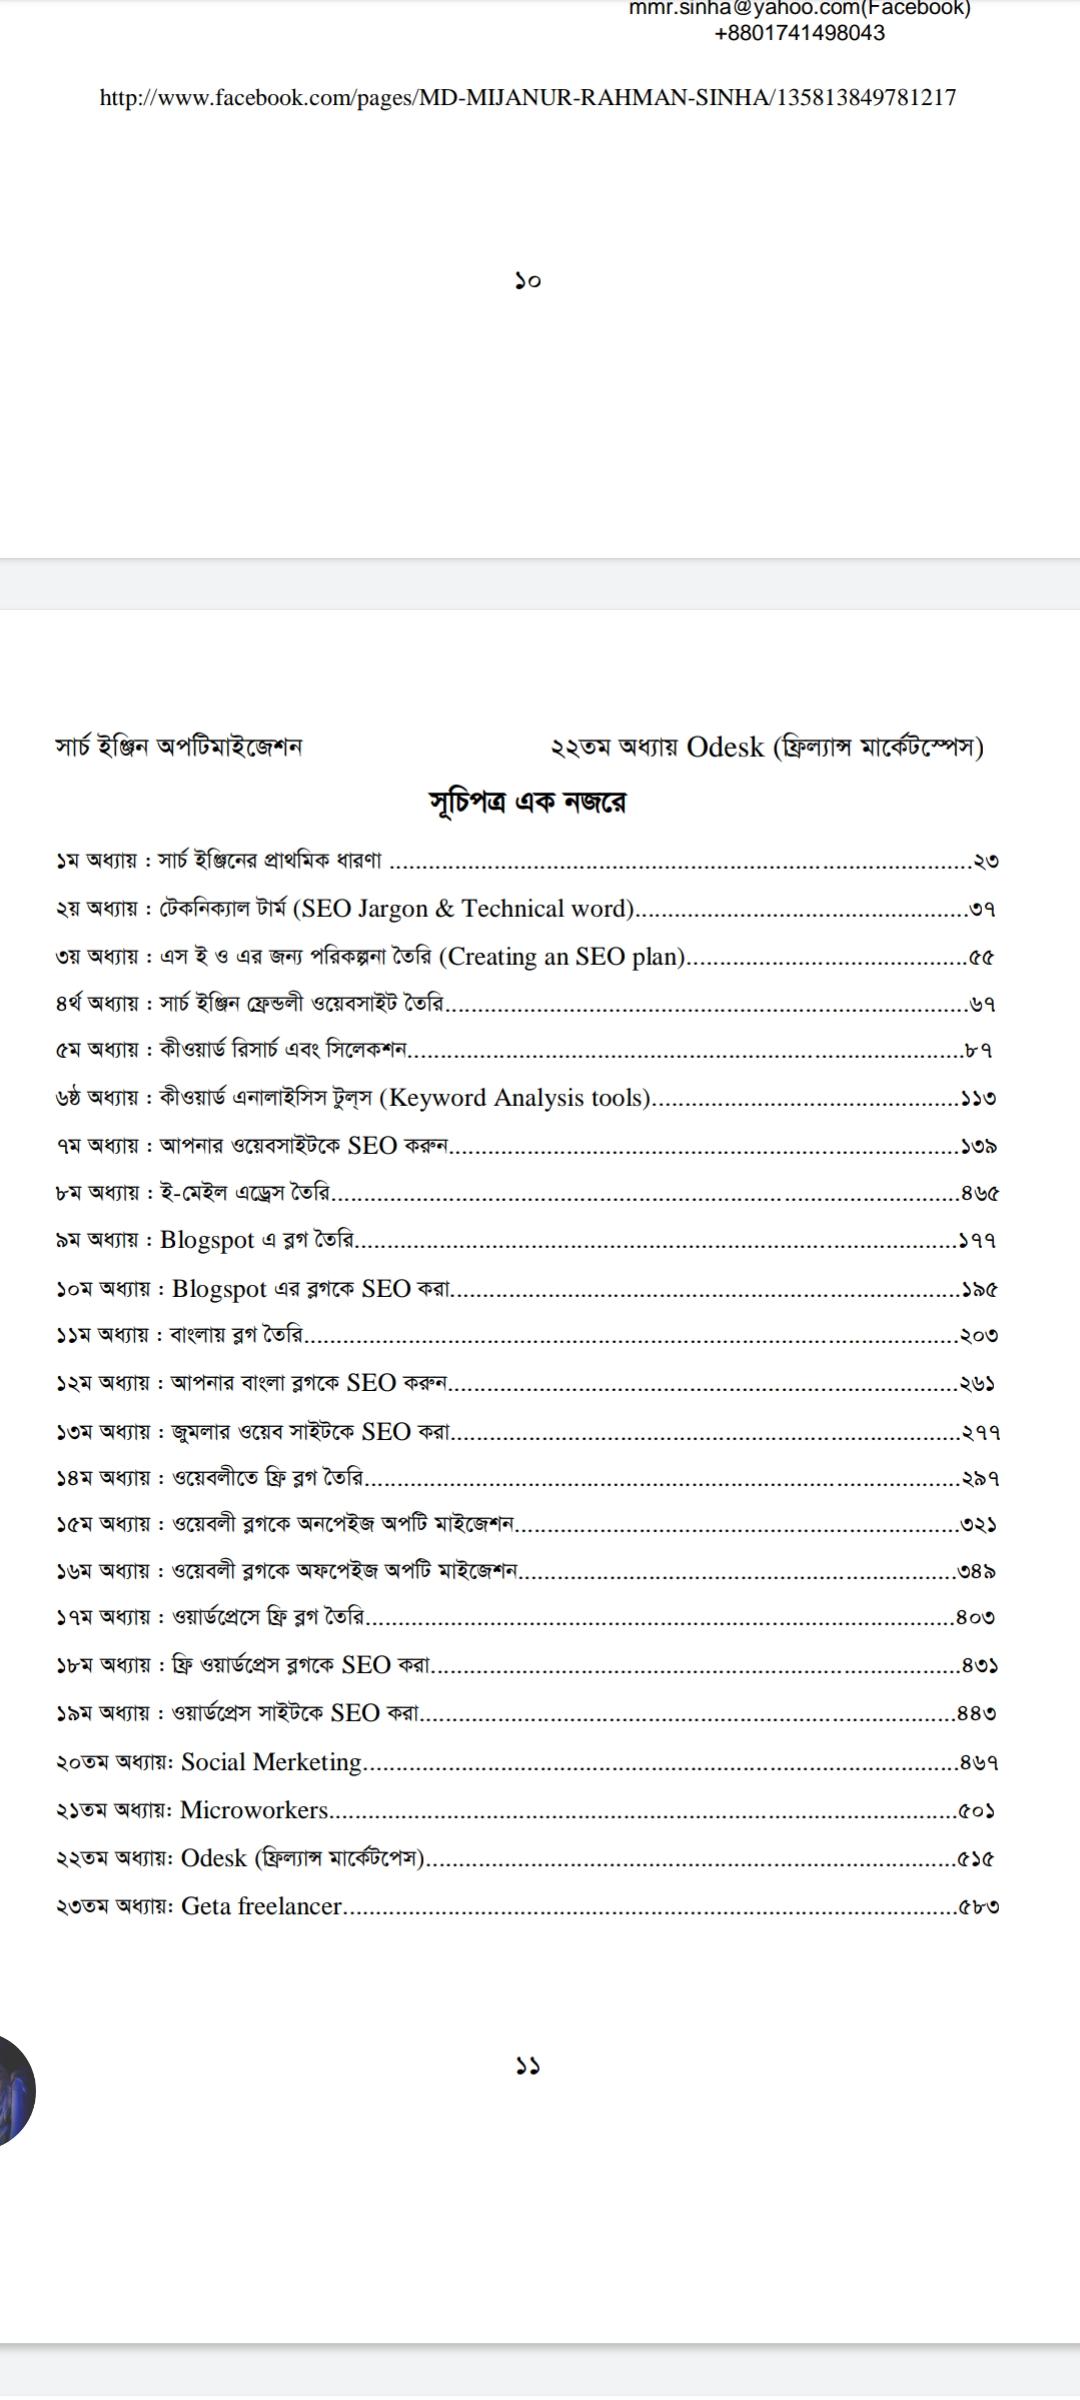 """মোঃ মিজানুর রহমান এর ৪৫০৳ মূল্যের """"সার্চ ইঞ্জিন অপ্টিমাইজেশন"""" কোর্স Version: 2.0 ফ্রিতে নিয়ে নিন।"""